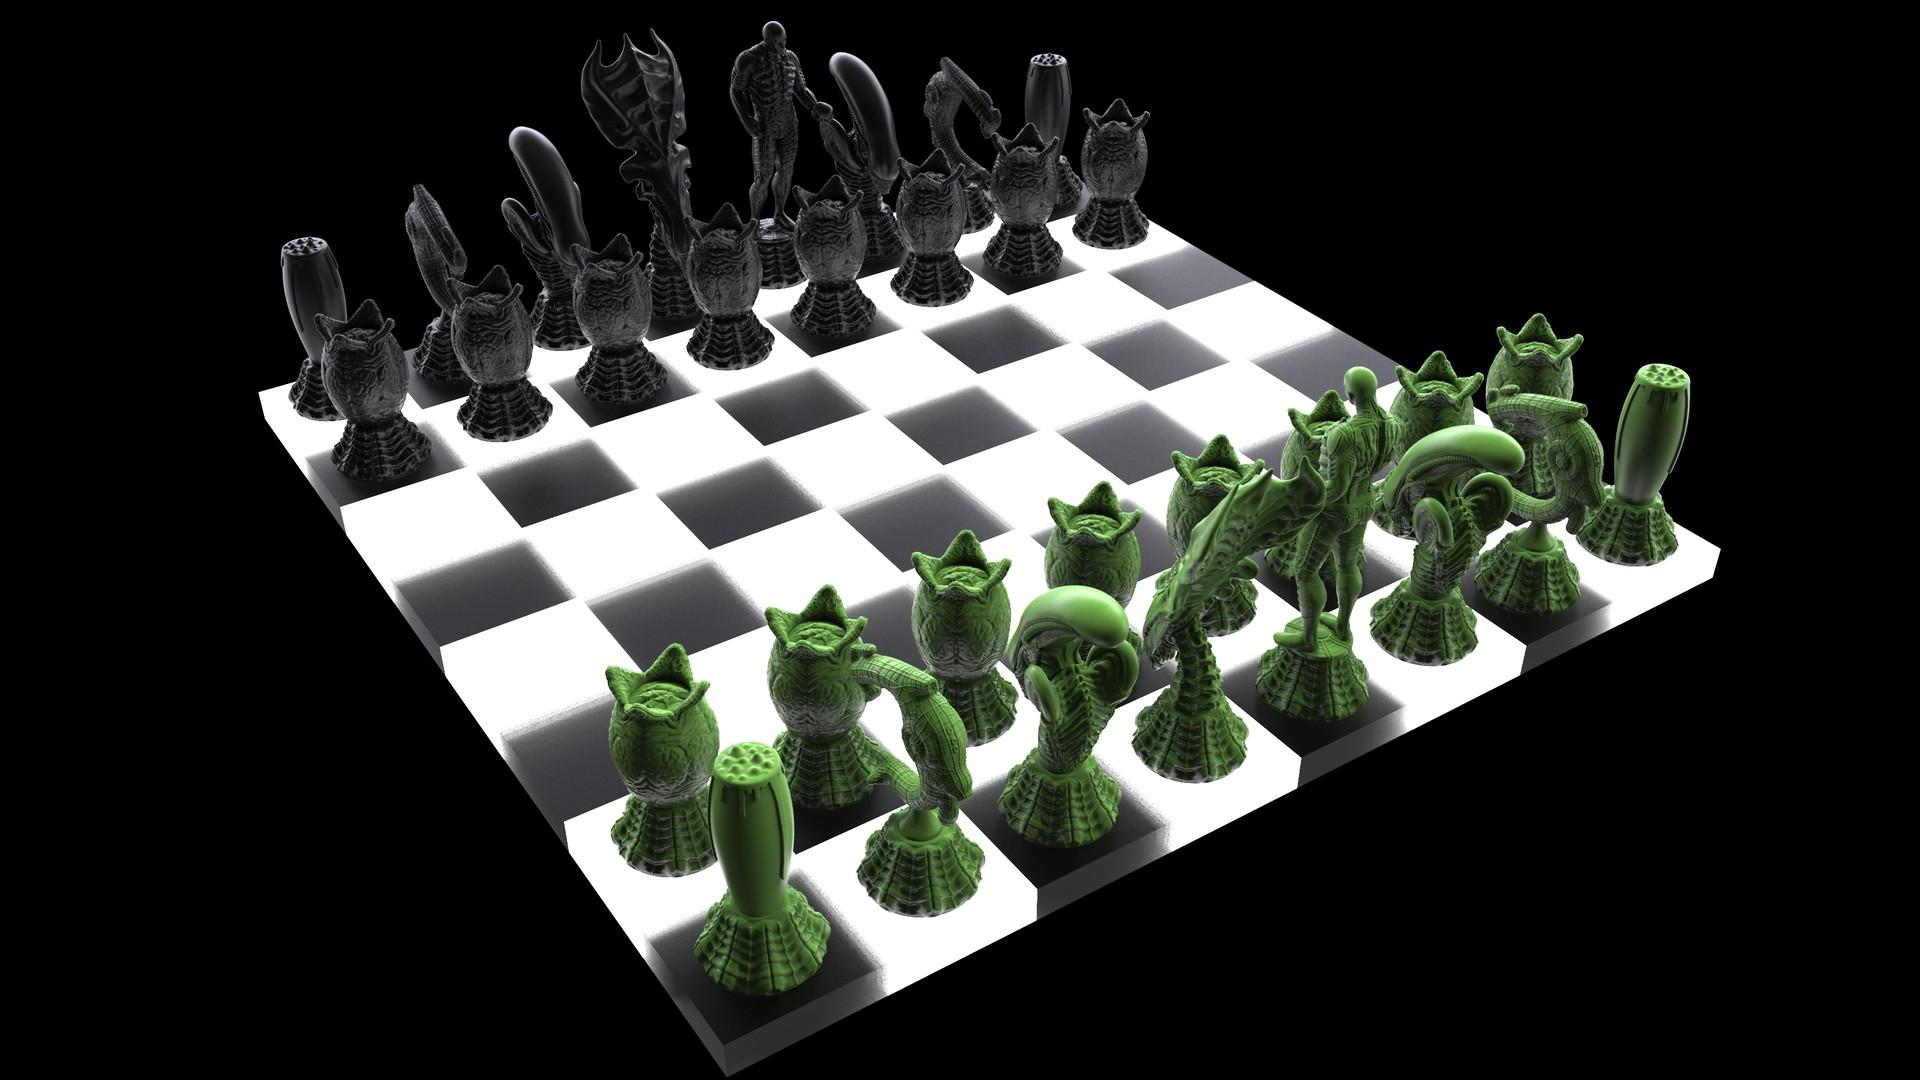 Ken calvert alien chess renders 1067